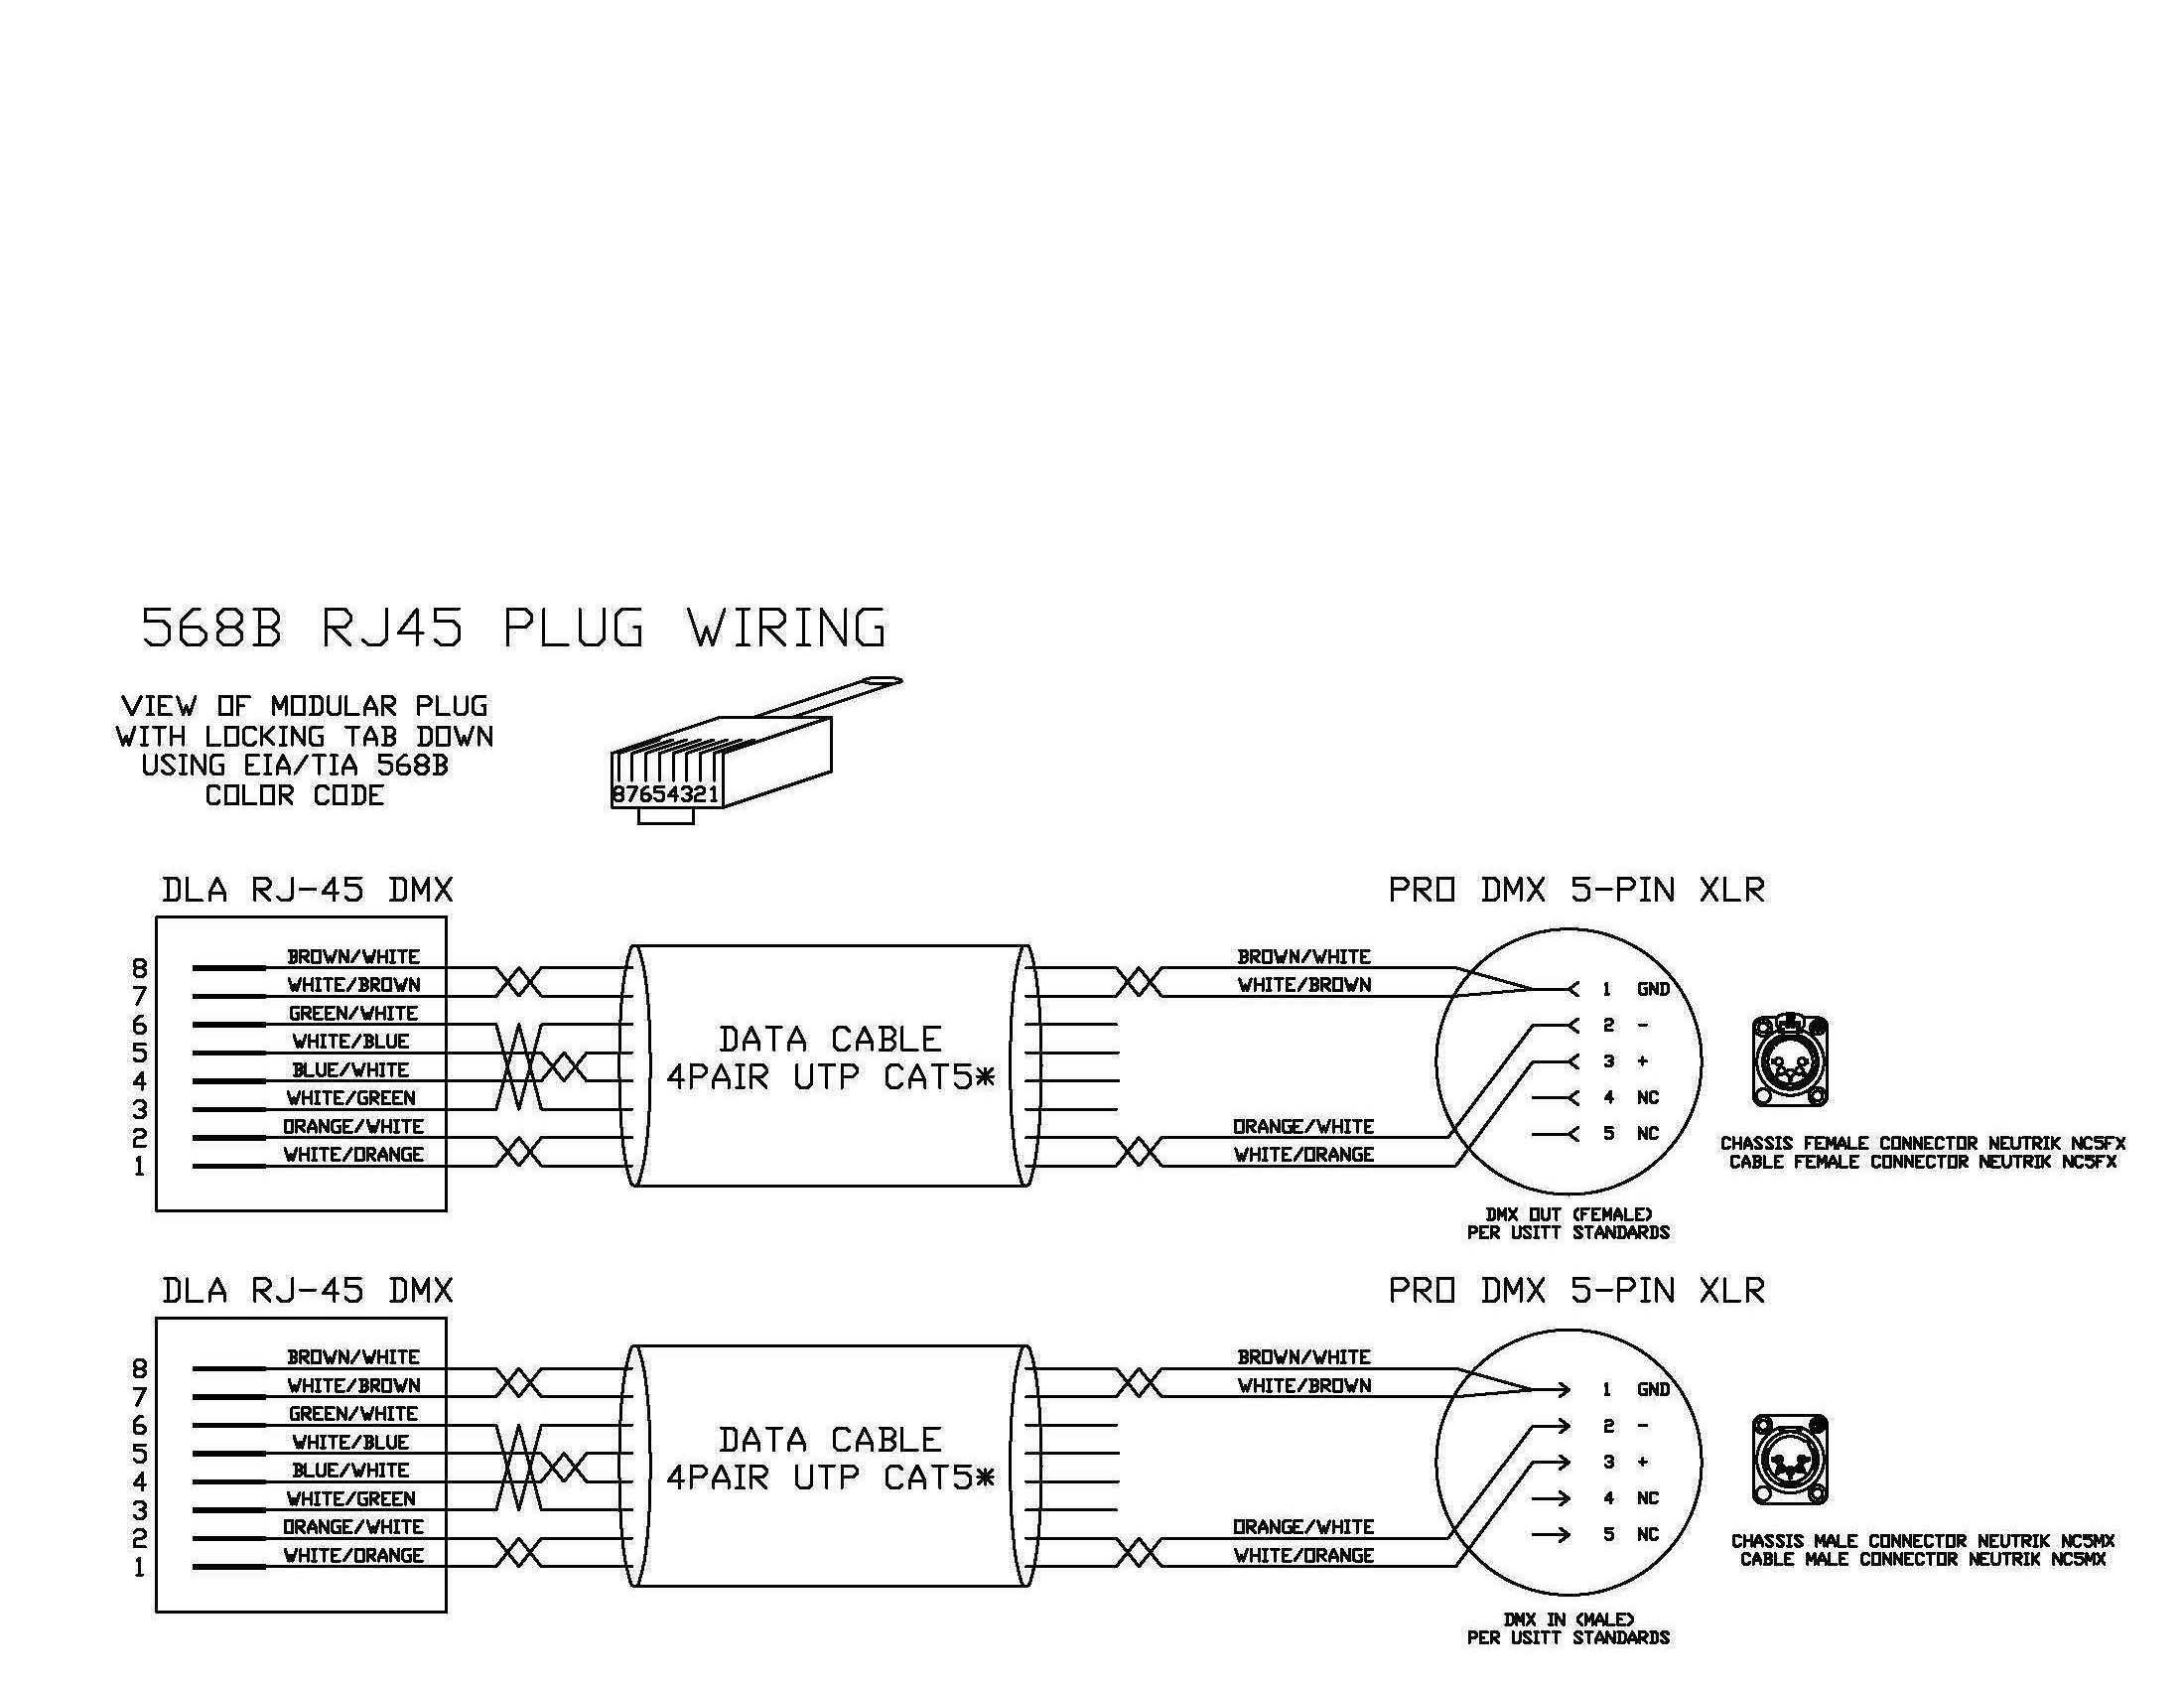 Xlr To Rj45 Wiring Diagram. Xlr. Electrical Wiring Diagrams | Cables - Xlr Wiring Diagram